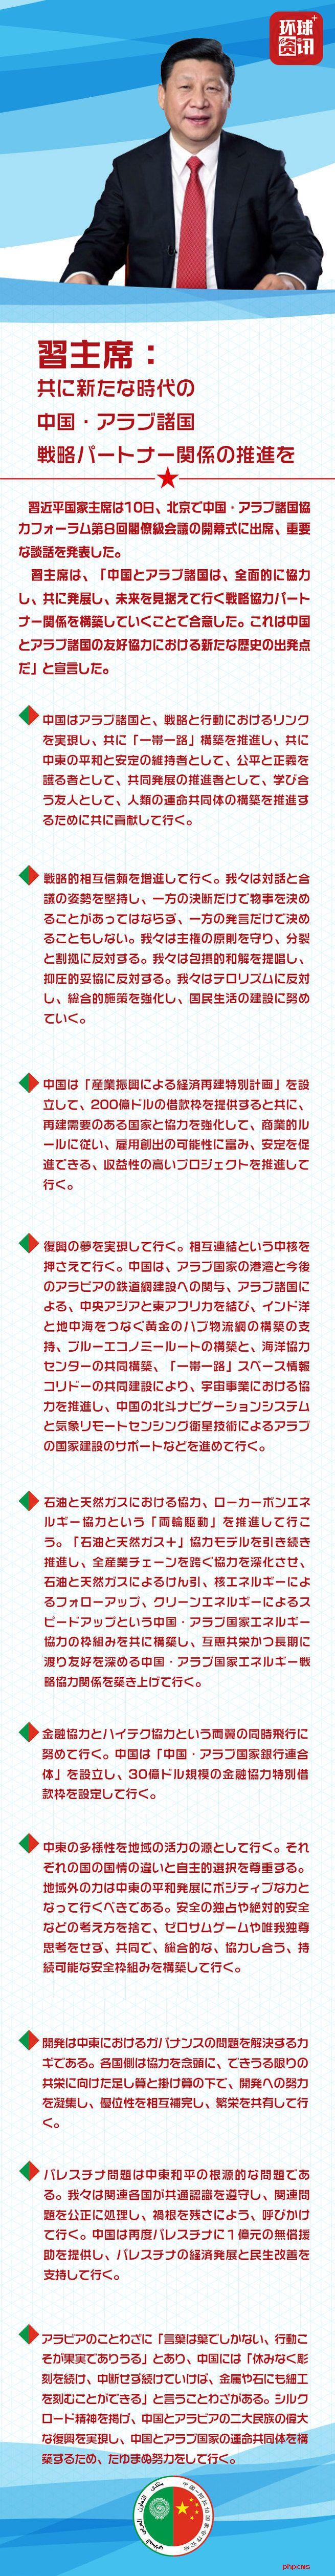 �剧��榛�璁ゆ��棰�_fororder_riwenban